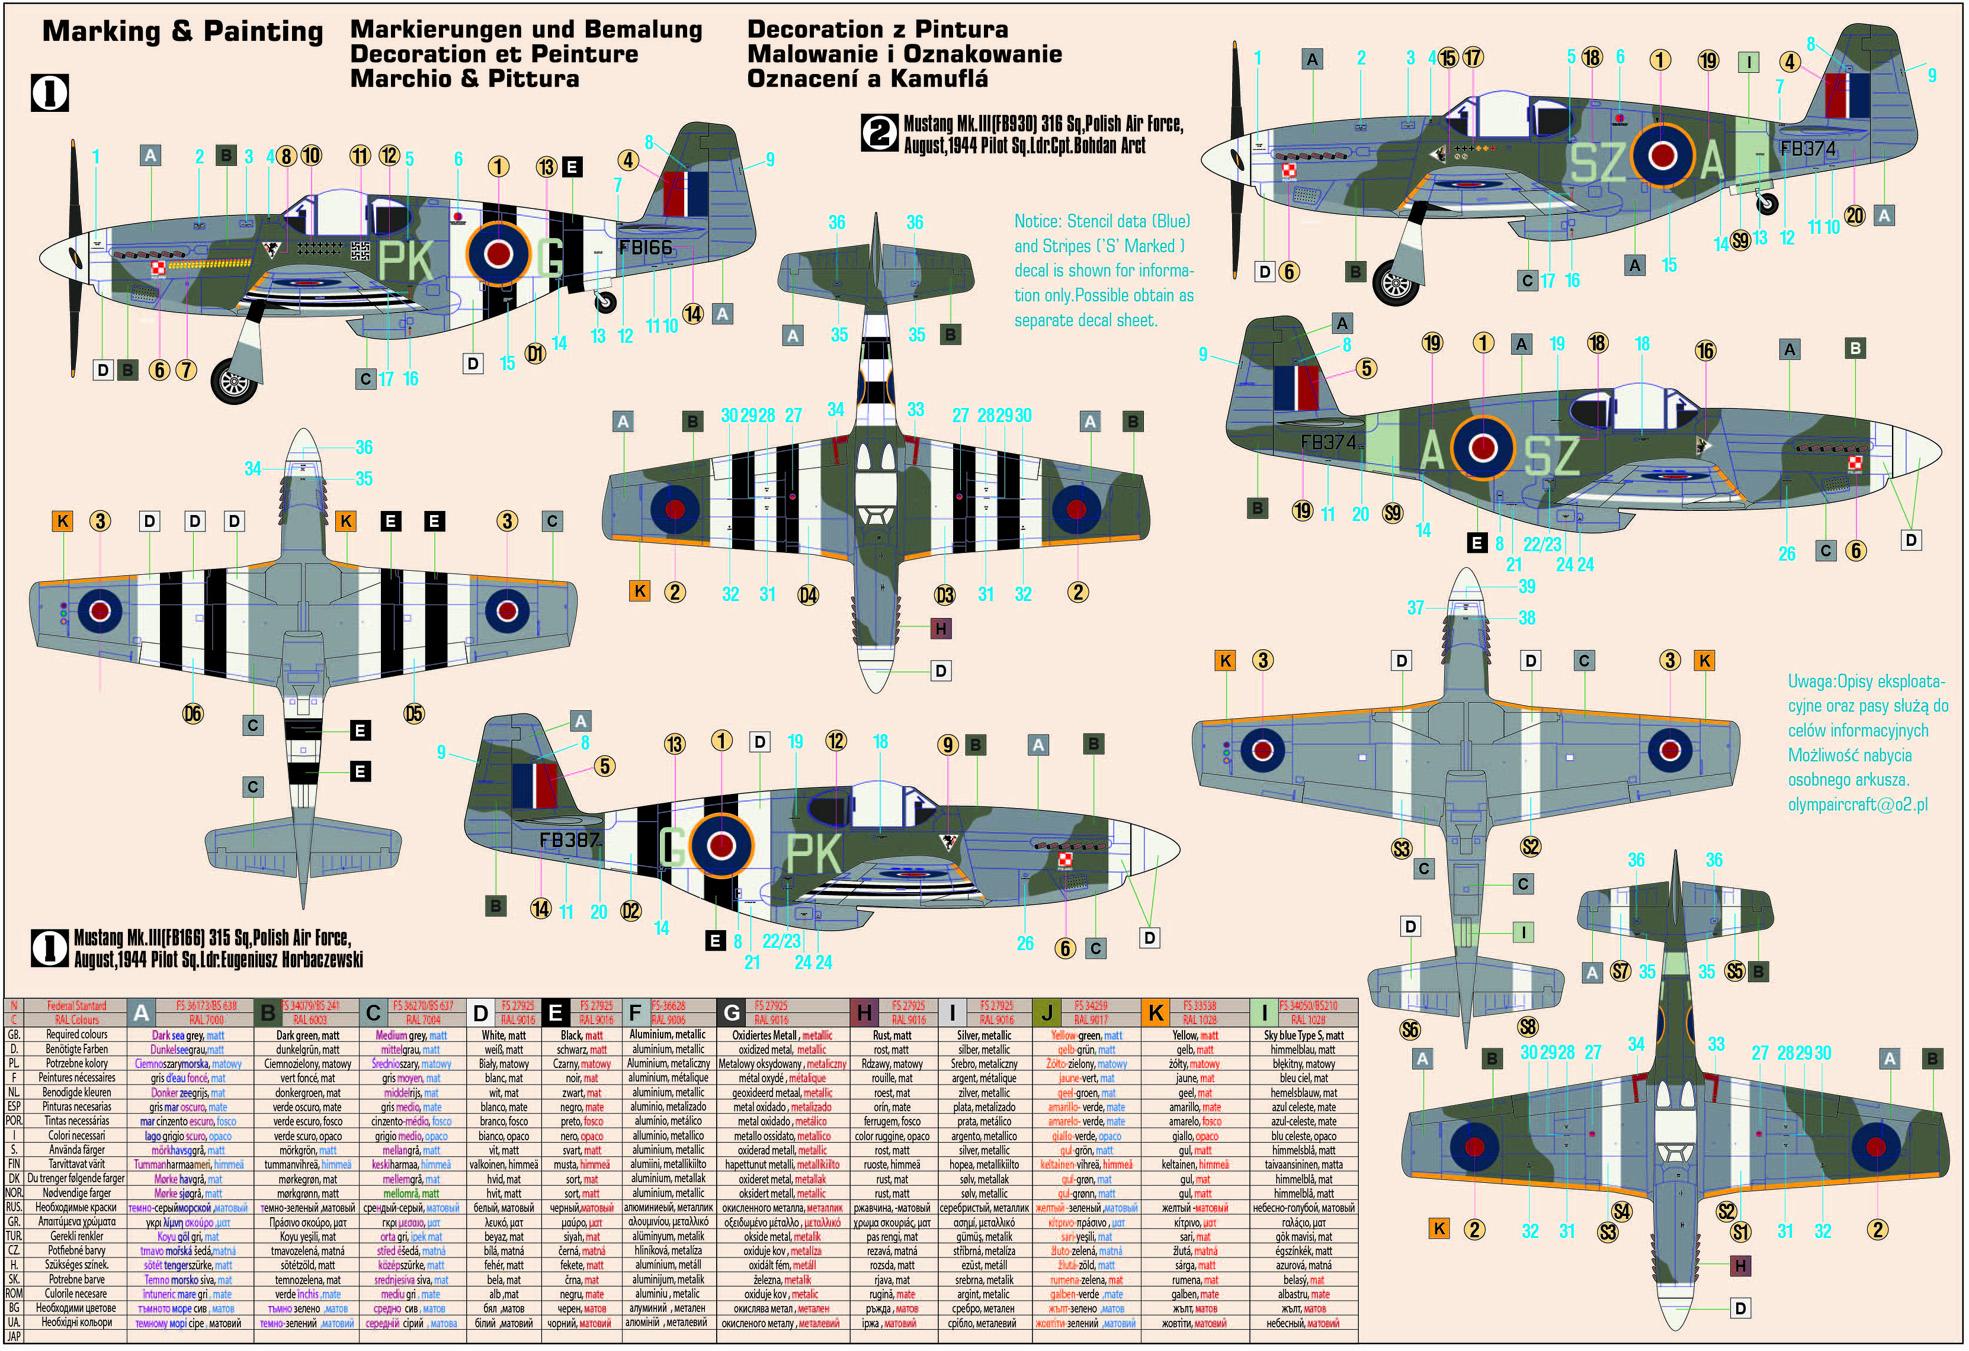 C-47%20Mal-%20Mustang%20Mk-III.jpg